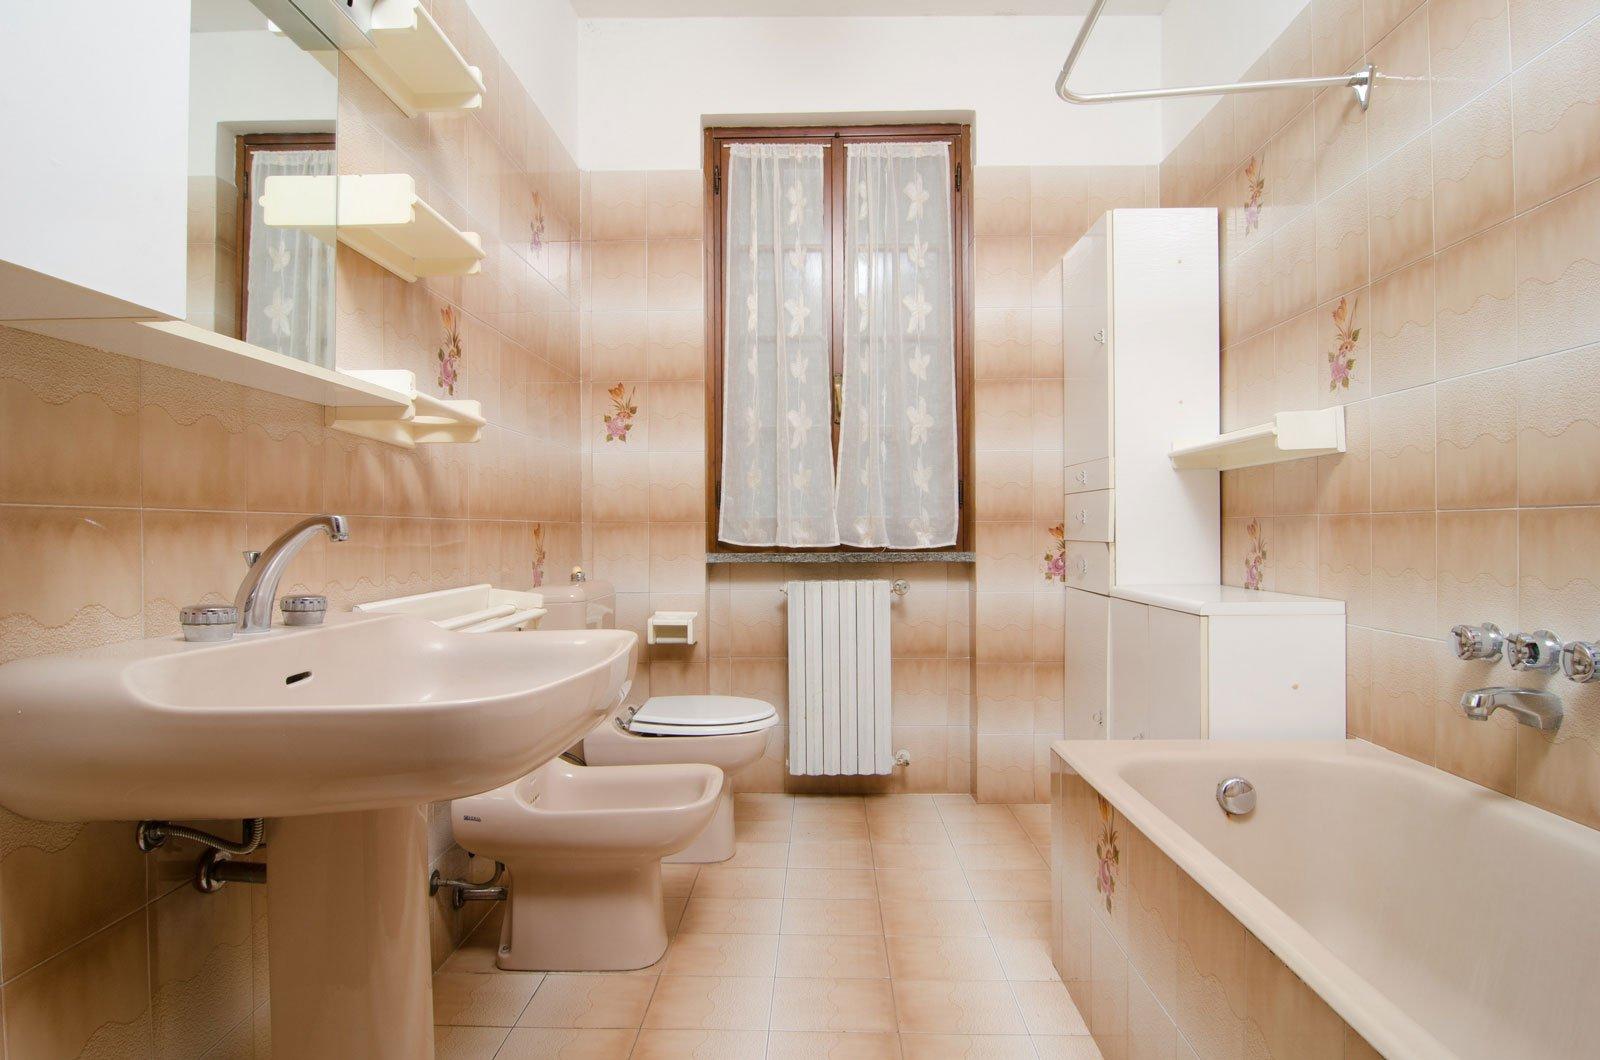 Rinnovare Il Bagno Senza Demolire rifare il bagno senza togliere le piastrelle e con piccoli